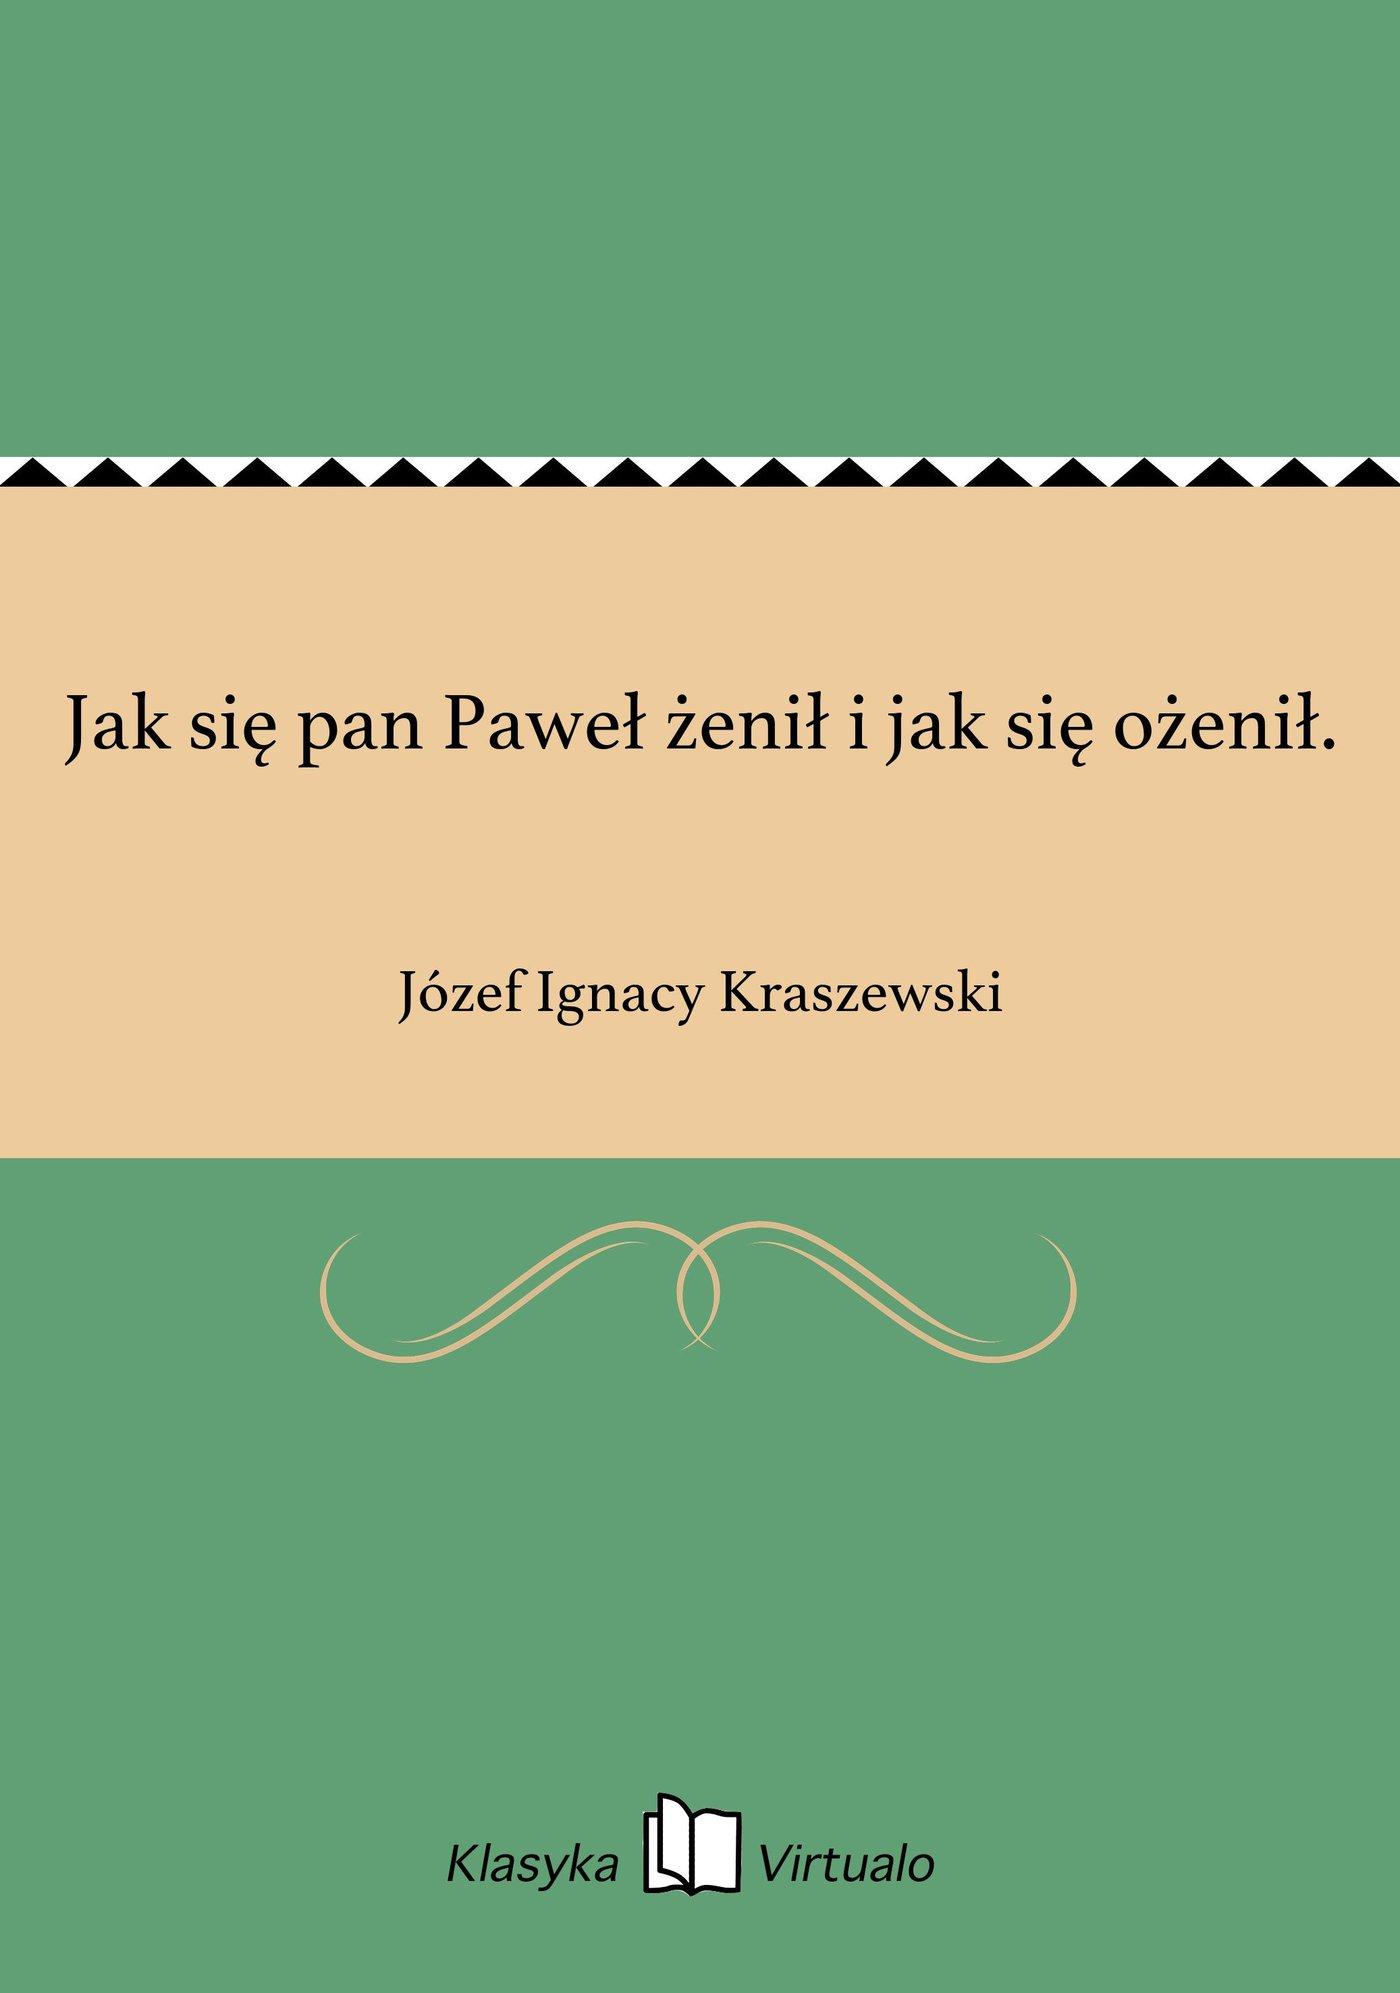 Jak się pan Paweł żenił i jak się ożenił. - Ebook (Książka EPUB) do pobrania w formacie EPUB